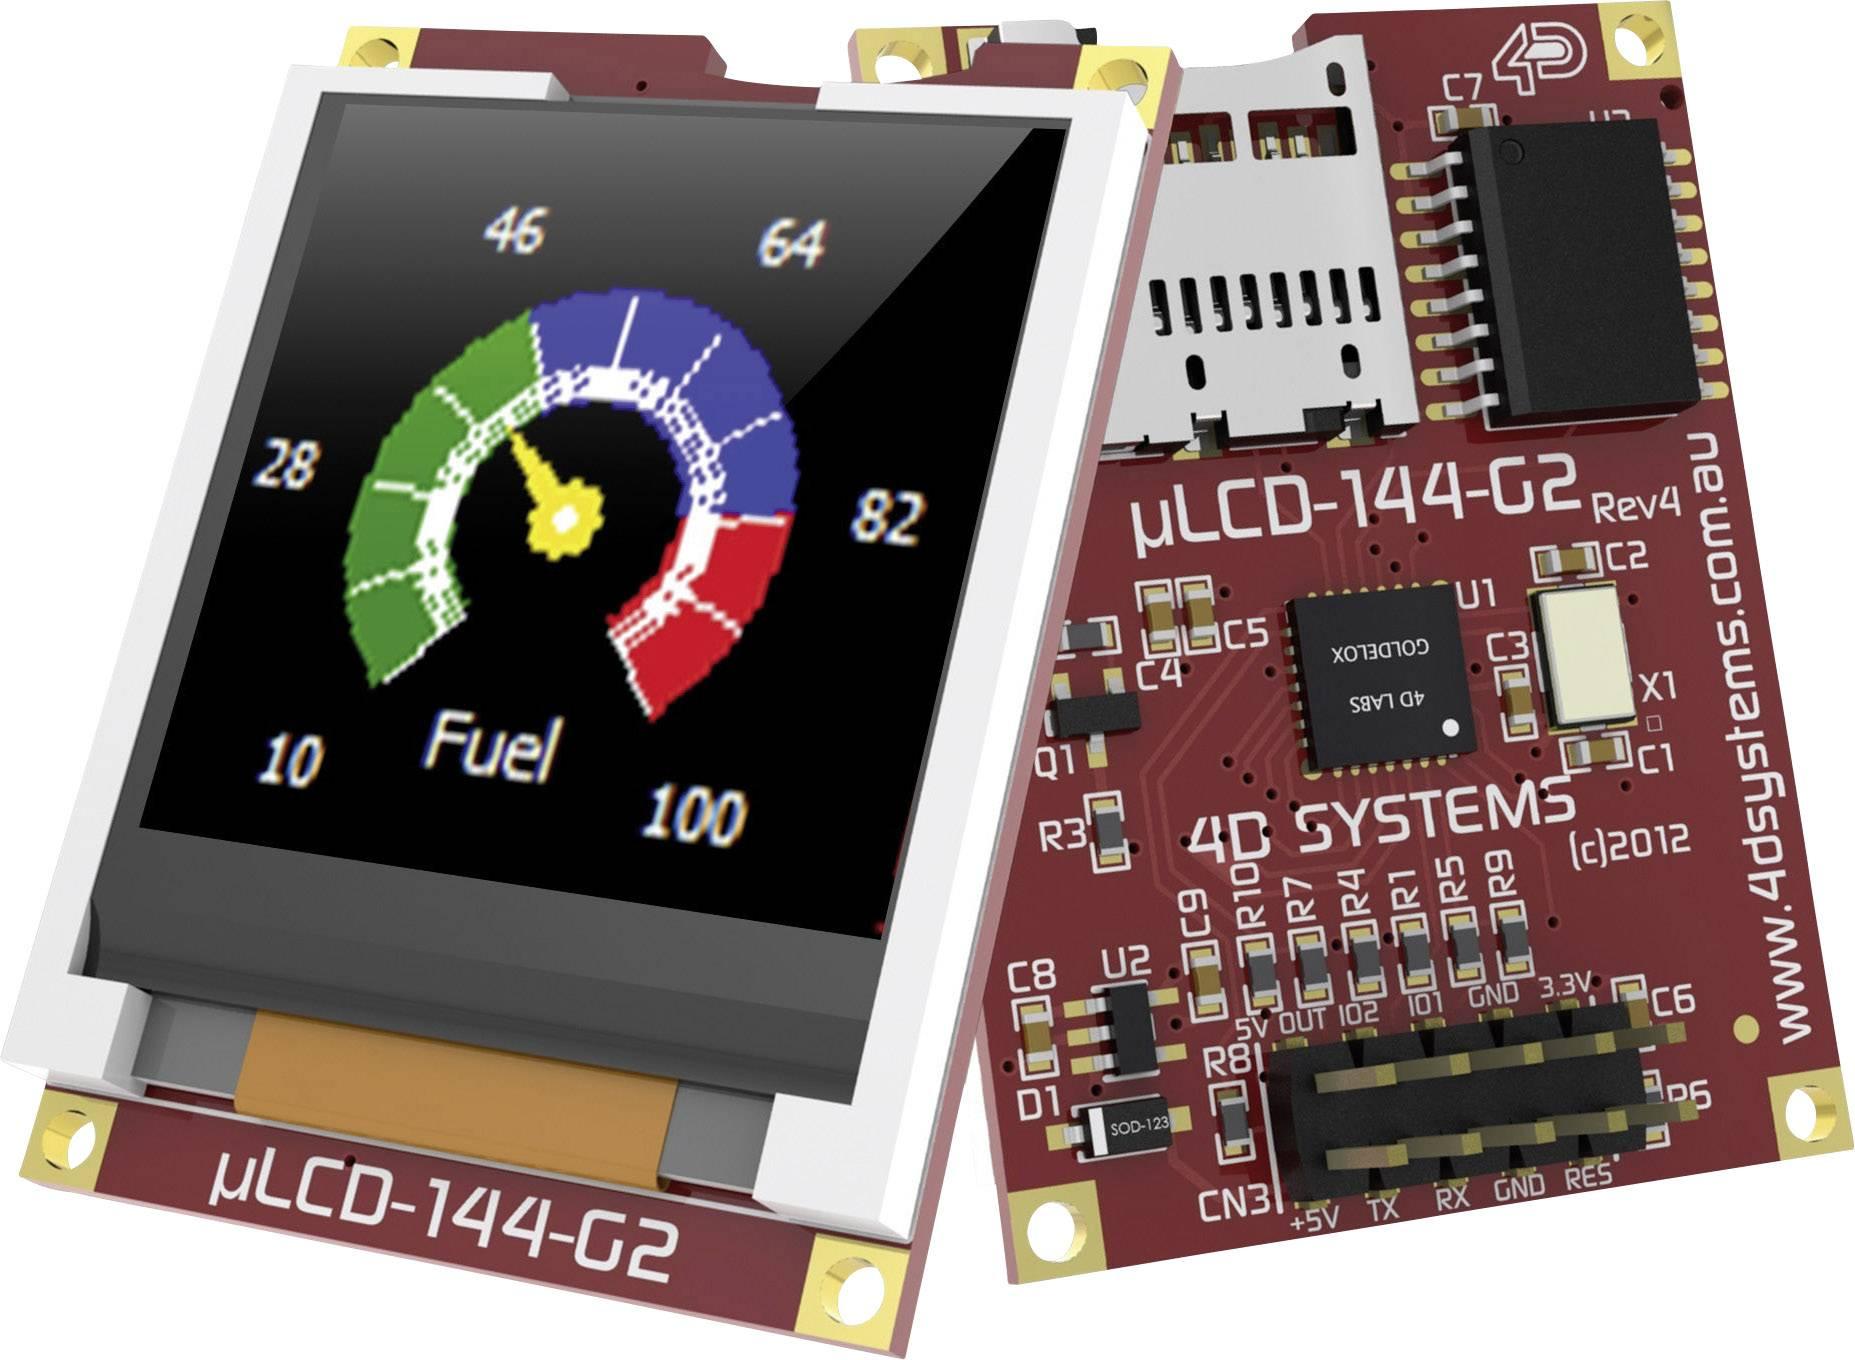 Vývojová deska 4D Systems uLCD-144-G2